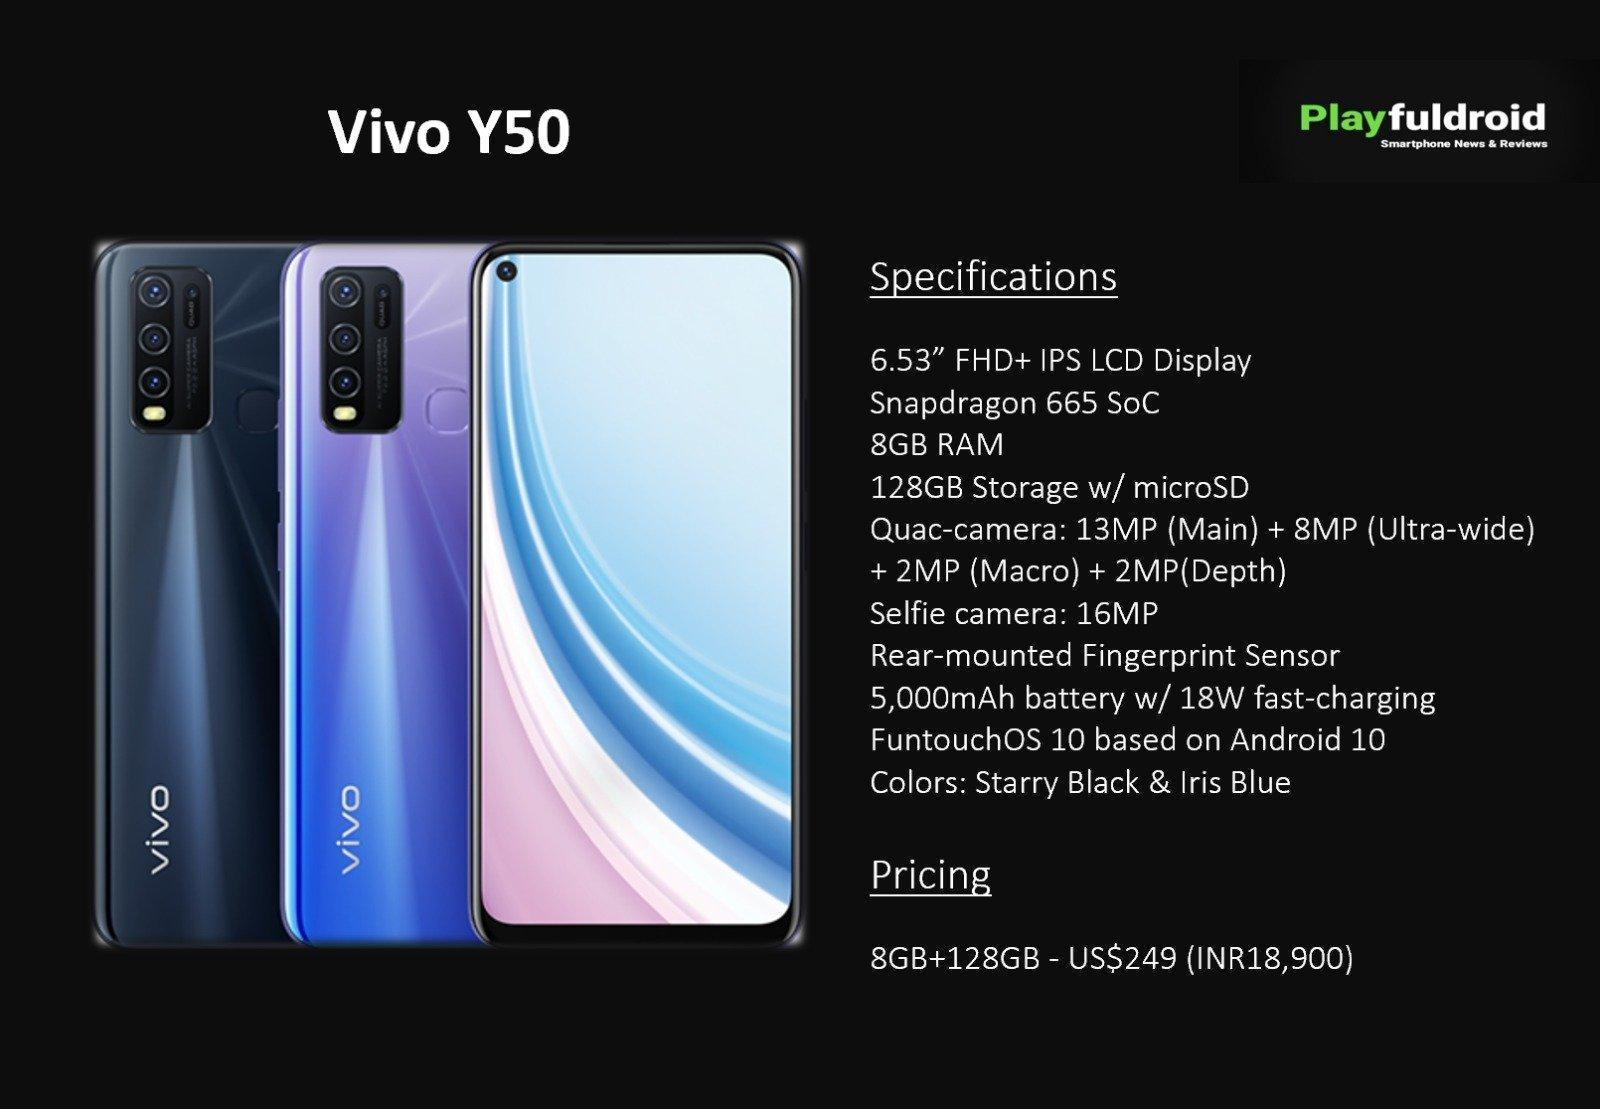 Vivo анонсировали смартфон Vivo Y50 с аккумулятором на 5 000мАч за 250$ (eu8cnh6u4amquf5)